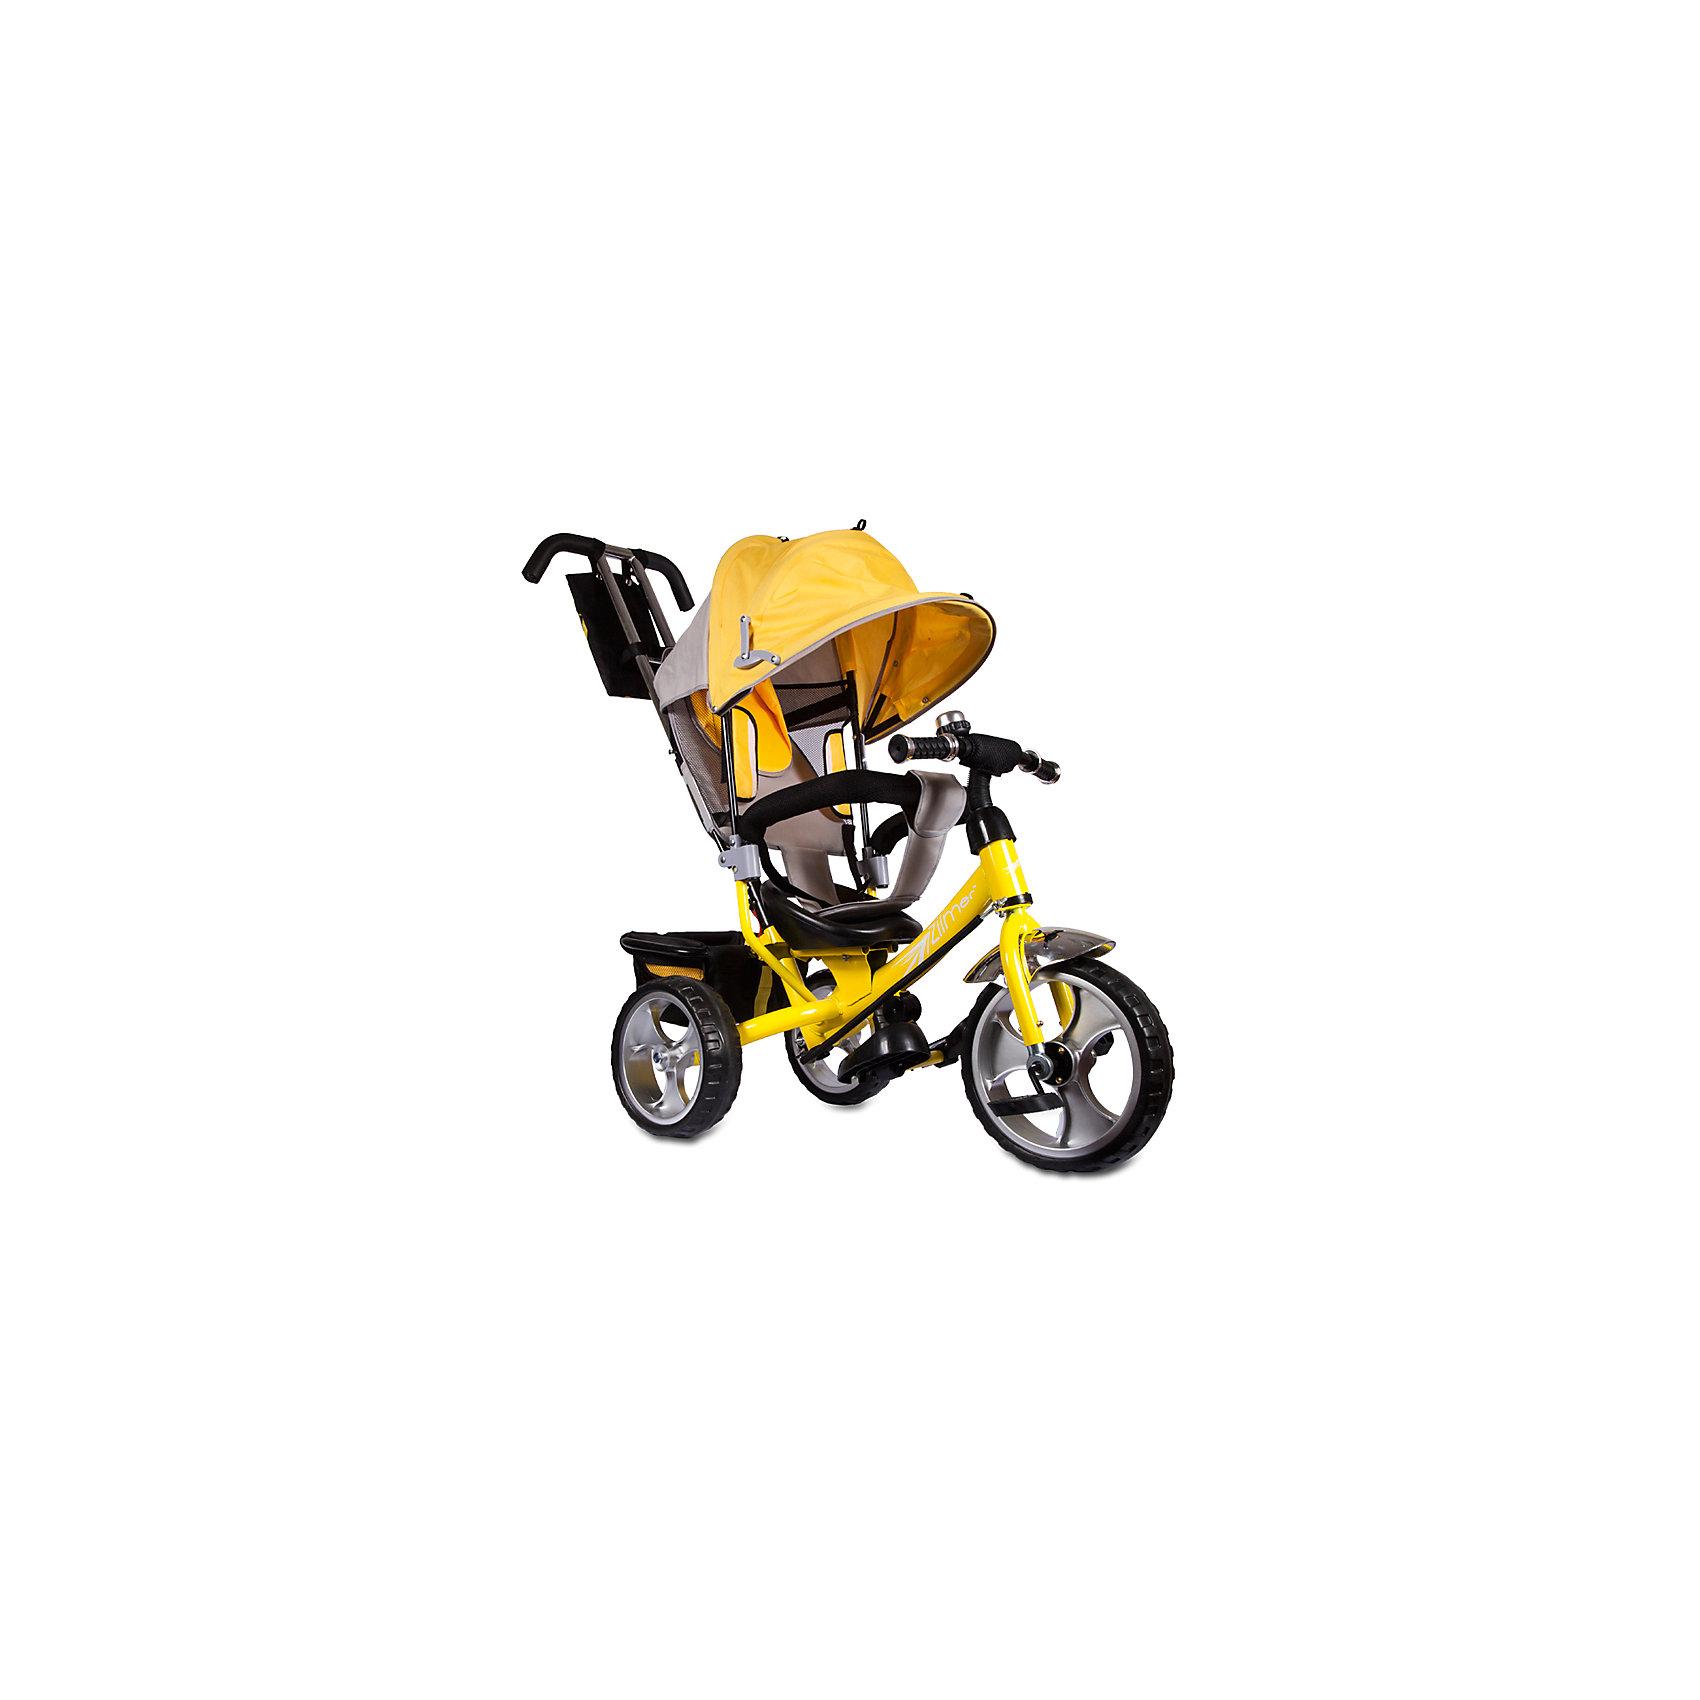 Трехколесный велосипед Сильвер Люкс, желтый, ZilmerХарактеристики товара:<br><br>• материал: металл, полимер, текстиль<br>• цвет: желтый<br>• диаметр колес: переднее - 304,8 мм (12 дюймов), задние - 254 мм (10 дюймов)<br>• блокировка колес<br>• удобный руль <br>• безопасные поручни<br>• управление ручкой для родителей<br>• подставка под ноги<br>• корзинка<br>• материал колес: EVA<br>• надежные материалы<br>• козырек<br>• продуманная конструкция<br>• яркий цвет<br>• возраст: от 12 мес<br>• размер: 68х28х36 см<br>• вес: 9 кг<br>• страна производства: Китай<br><br>Подарить родителям и малышу такой велосипед - значит, помочь развитию ребенка. Он способствует скорейшему развитию способности ориентироваться в пространстве, развивает физические способности, мышление и ловкость. Помимо этого, кататься на нём - очень увлекательное занятие!<br><br>Этот велосипед разработан специально для малышей. Он чем-то похож на коляску: есть родительская ручка и специальные подставки под ножки. С помощью ручки родители легко координируют направление движения. Данная модель выполнена в ярком дизайне, отличается продуманной конструкцией и деталями, которые обеспечивают безопасность ребенка. Отличный подарок для активного малыша!<br><br>Трехколесный велосипед Сильвер Люкс, желтый, от бренда Zilmer можно купить в нашем интернет-магазине.<br><br>Ширина мм: 625<br>Глубина мм: 380<br>Высота мм: 290<br>Вес г: 10000<br>Возраст от месяцев: 12<br>Возраст до месяцев: 36<br>Пол: Унисекс<br>Возраст: Детский<br>SKU: 5478514